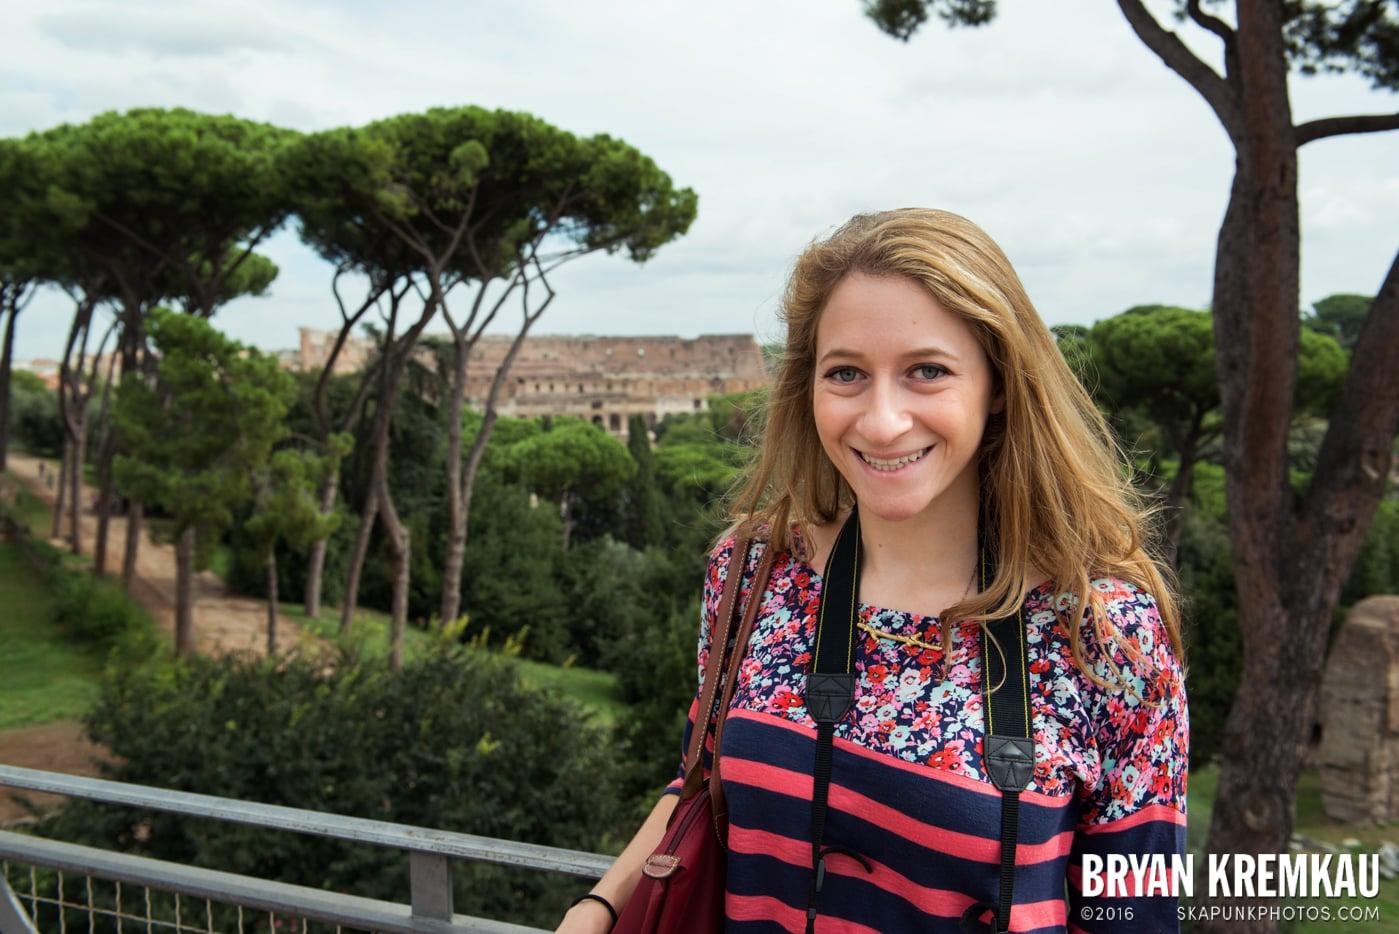 Italy Vacation - Day 2: Rome - 9.10.13 (70)